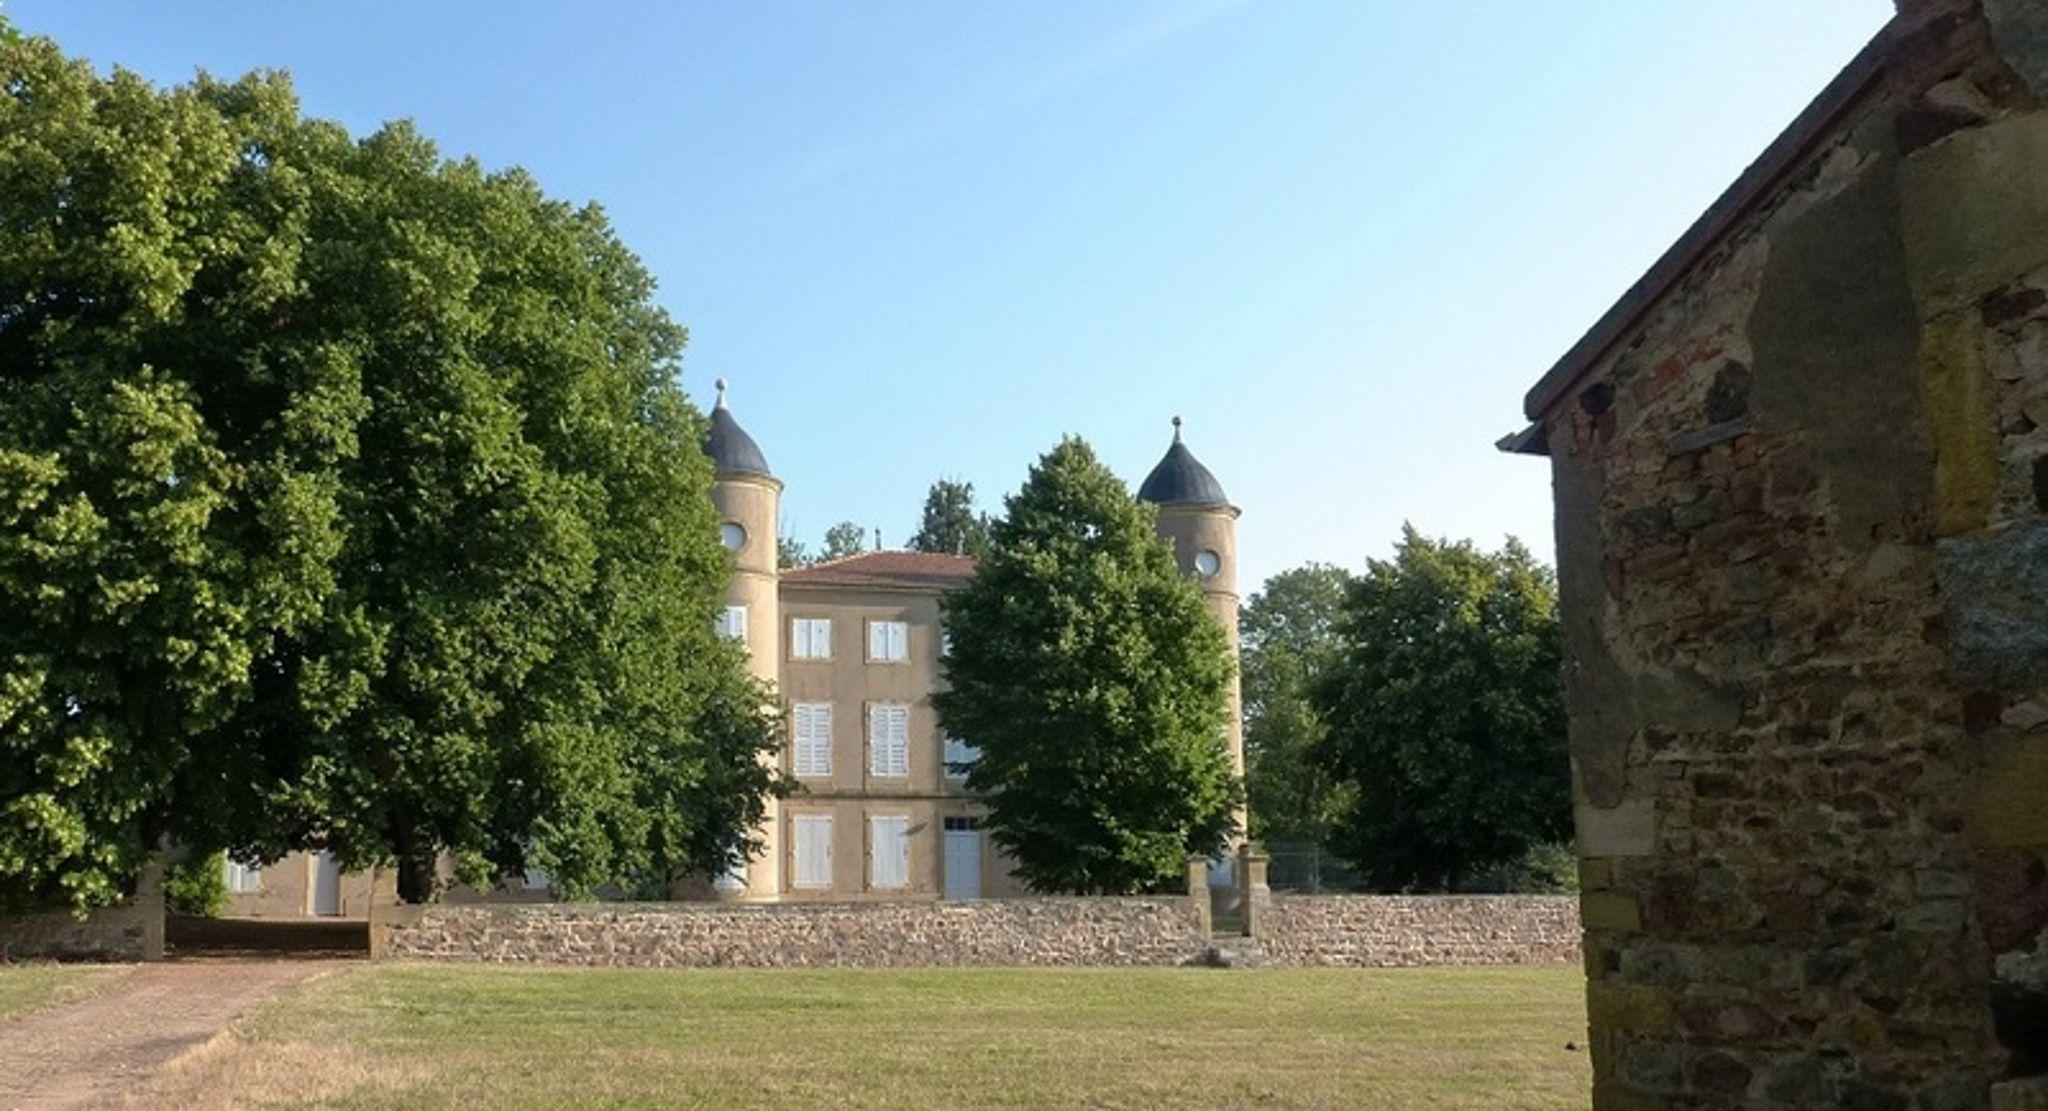 Chateau de Rilly 1.jpg